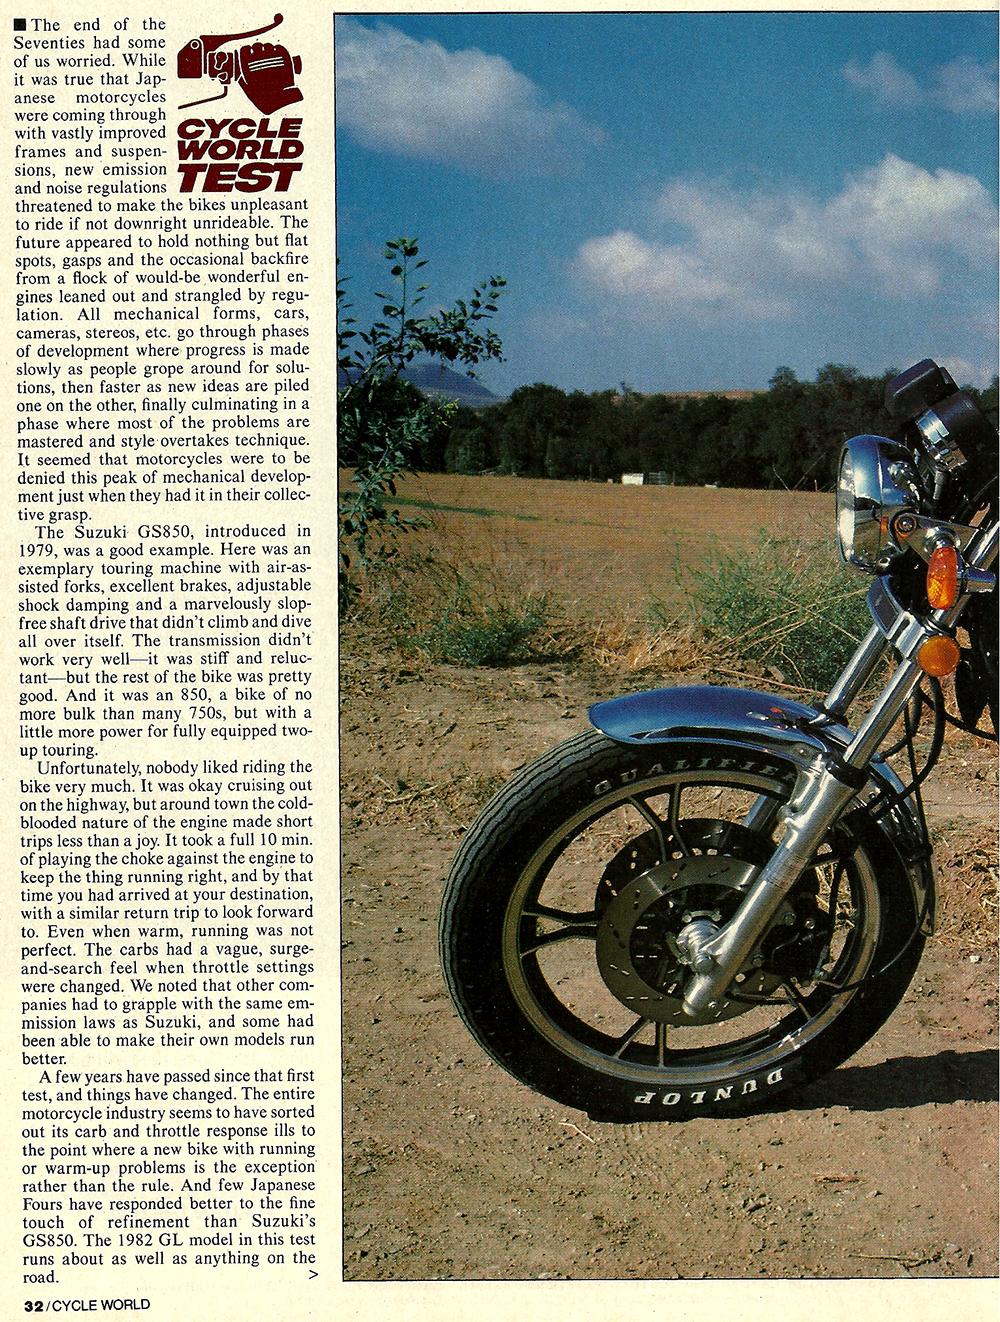 1982 Suzuki GS850GL road test 01.jpg